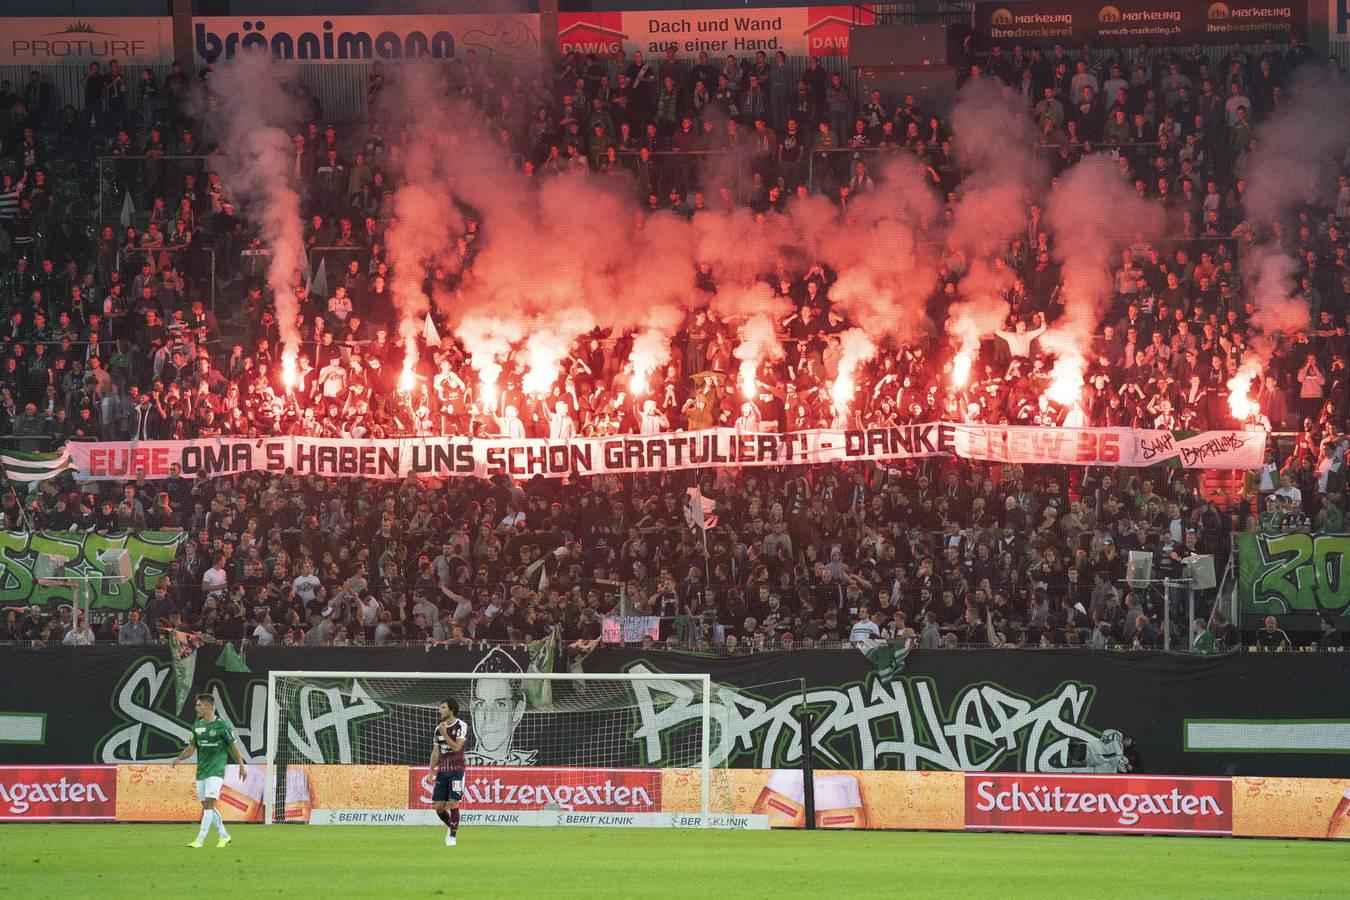 Anhänger des FC St.Gallen haben am 21. September beim Spiel gegen Servette massiv Pyros gezündet. (© St.Galler Tagblatt/Urs Bucher)